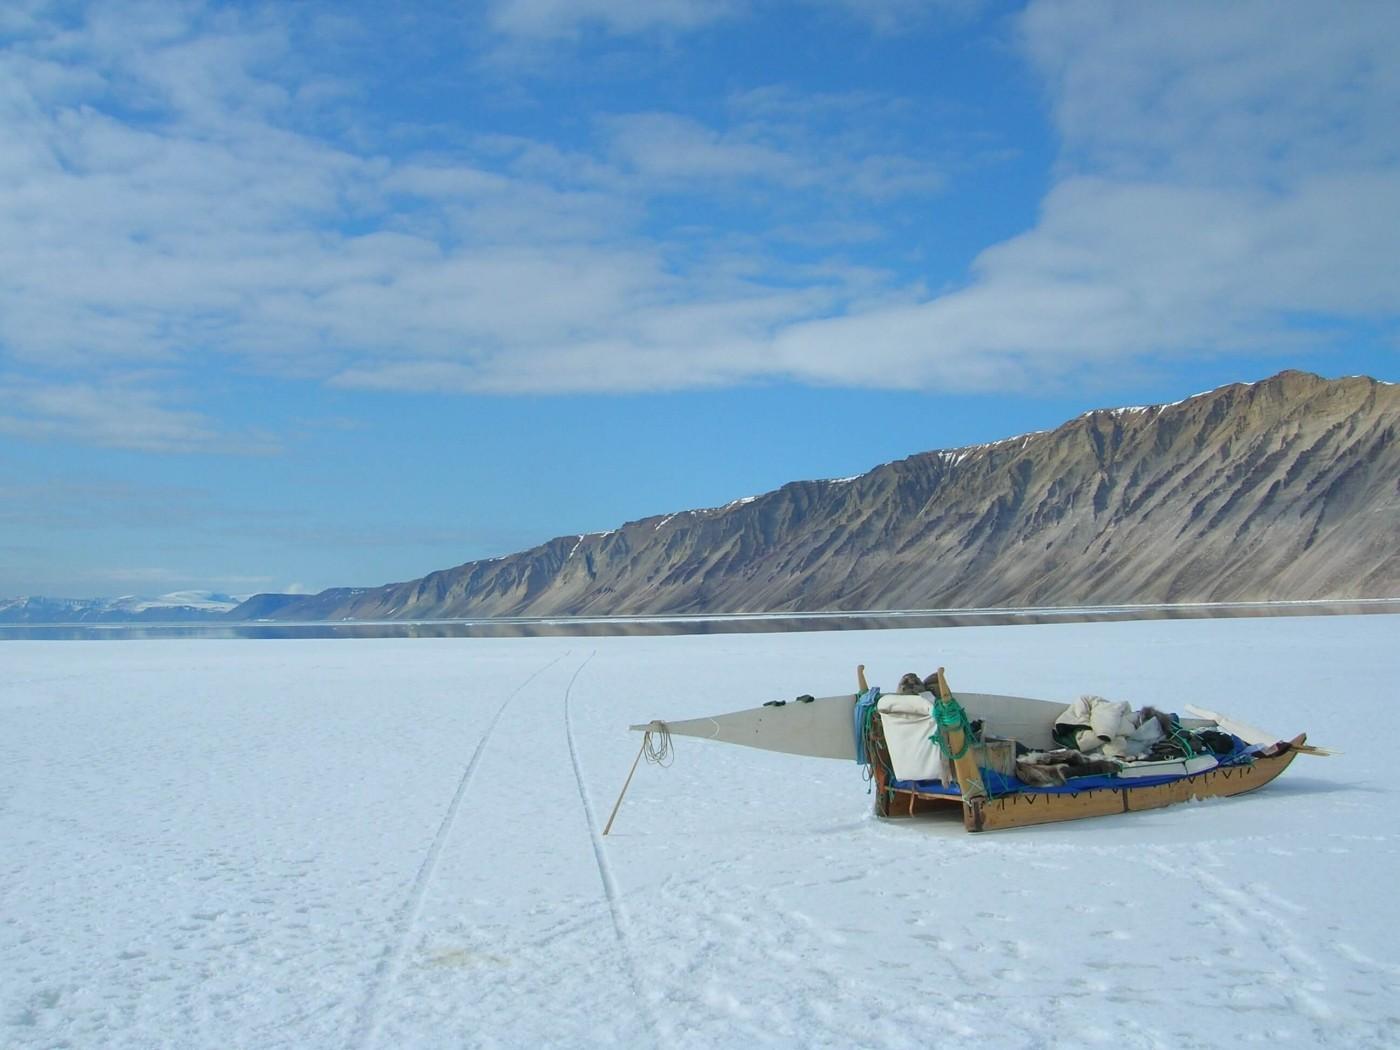 Loaded dog sled at the coast. Visit Greenland